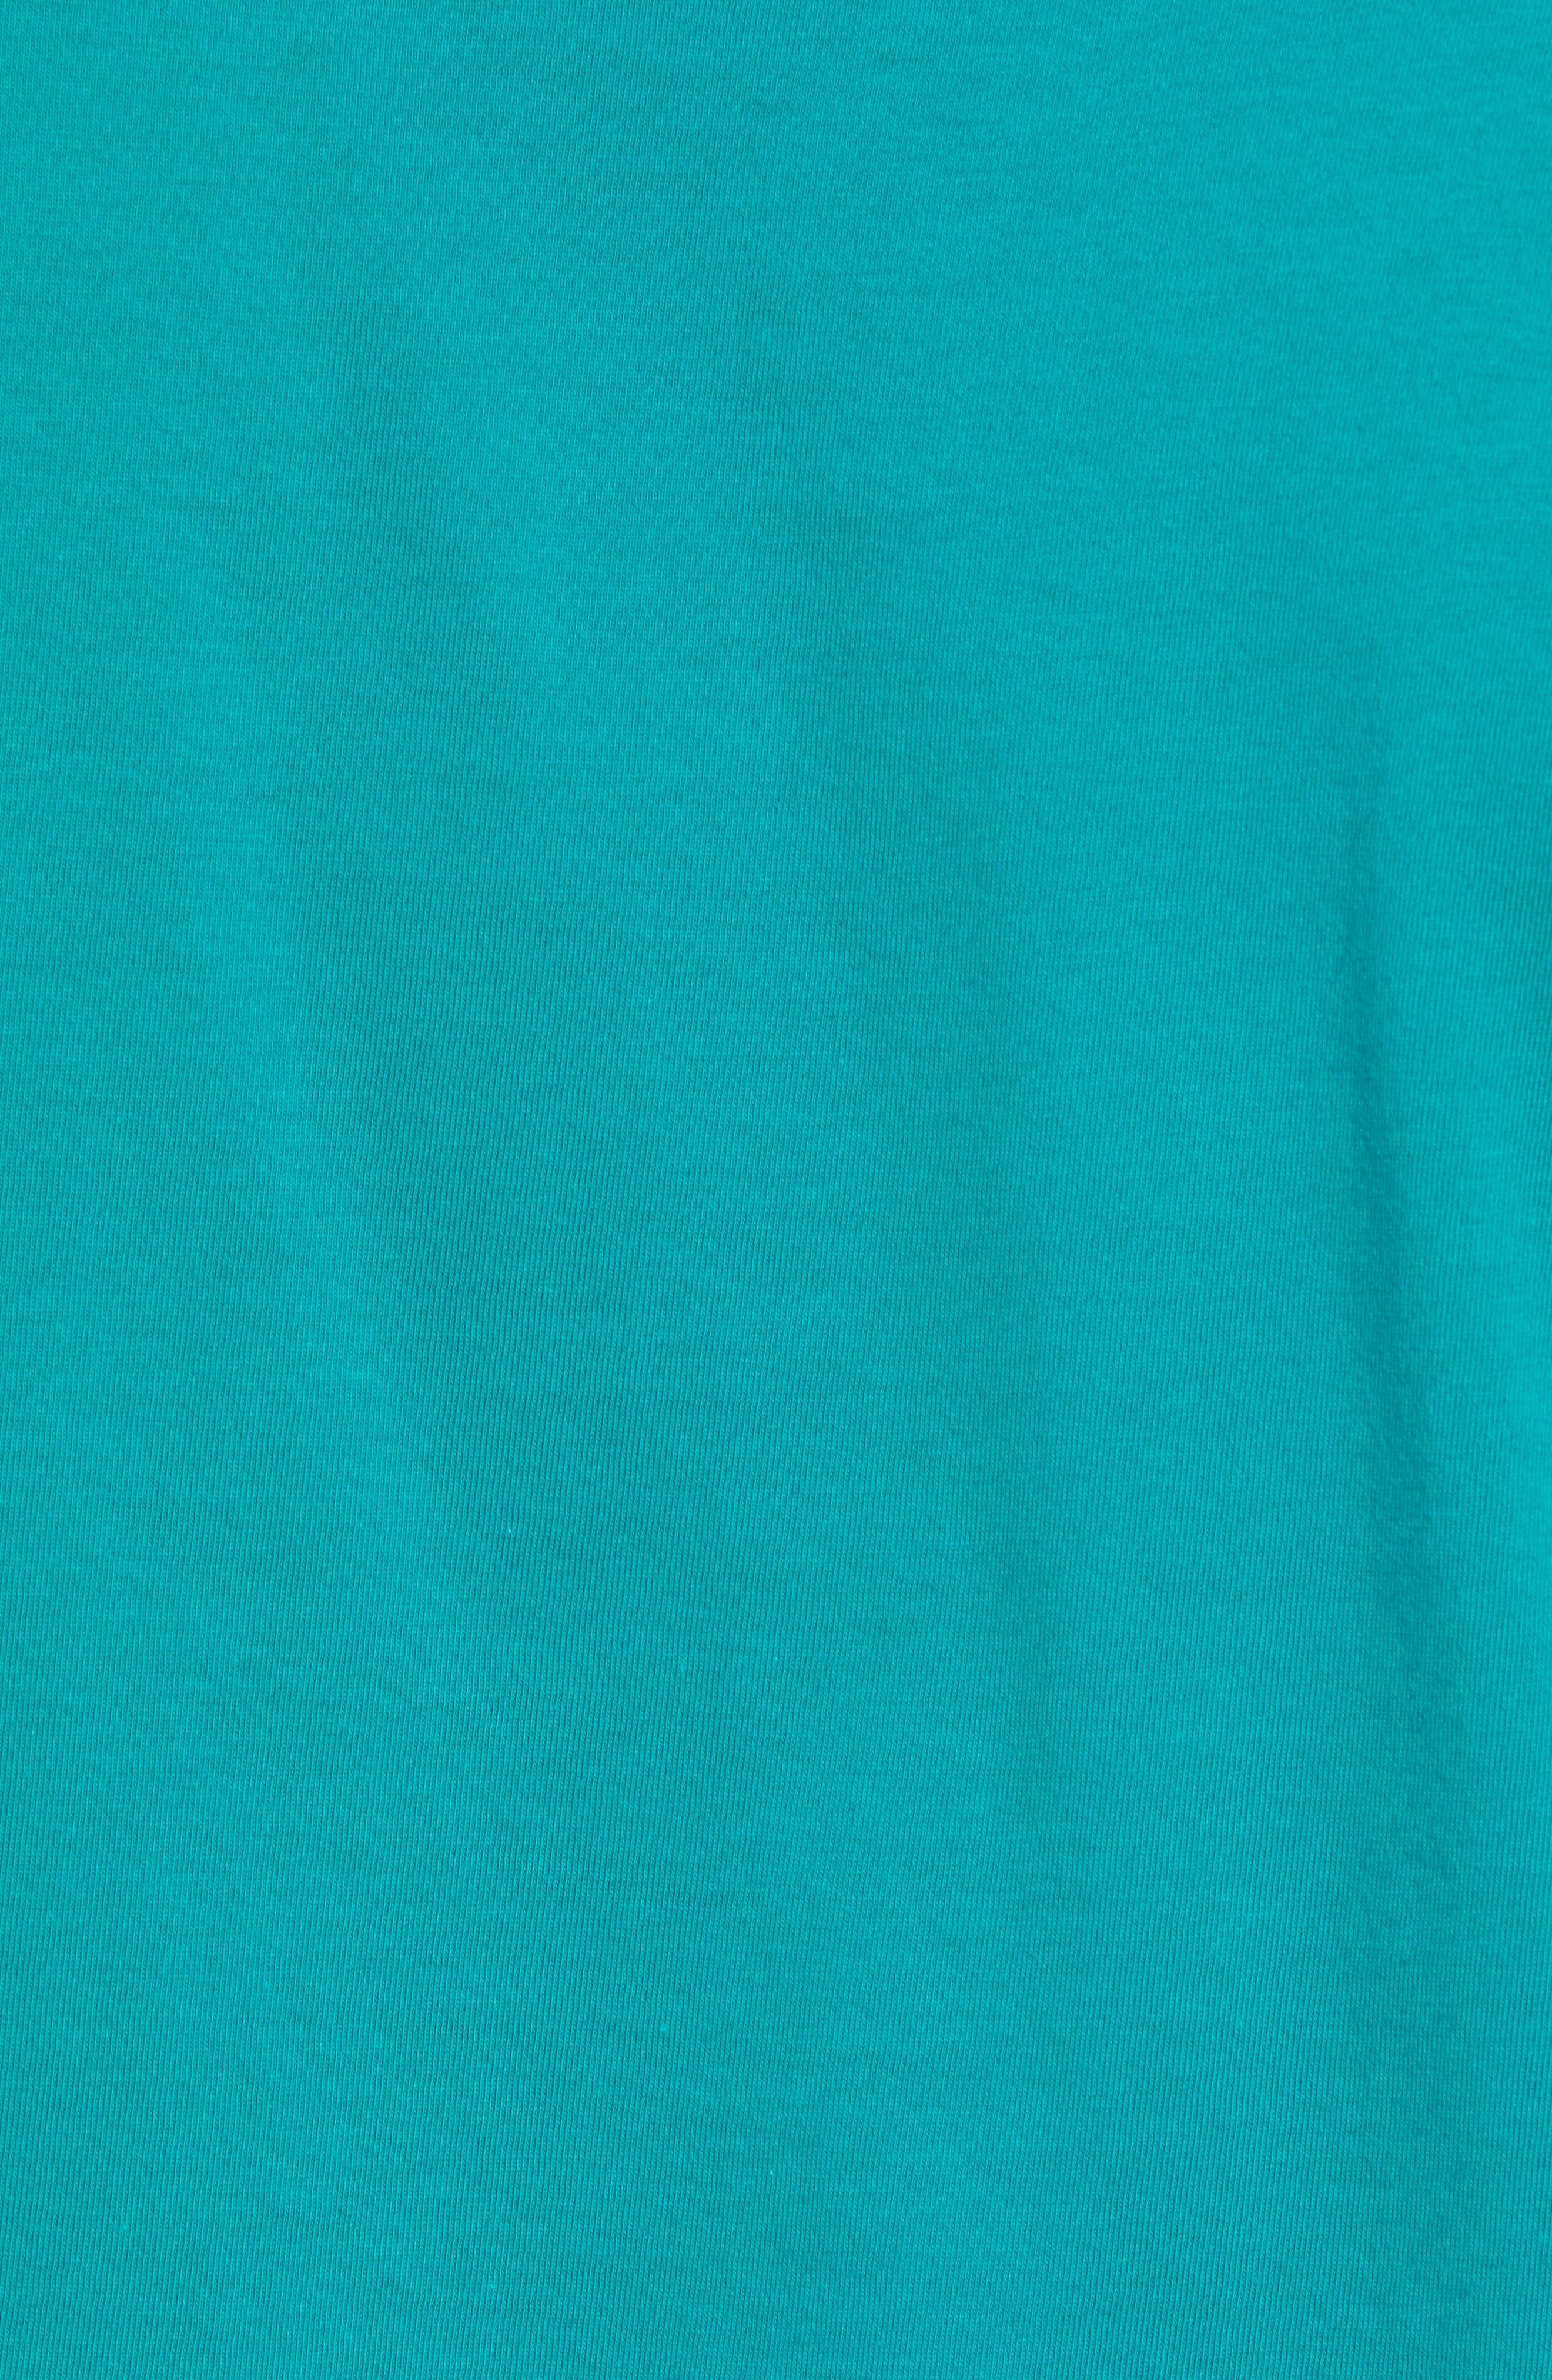 Metamorphosis Premium T-Shirt,                             Alternate thumbnail 5, color,                             TEAL